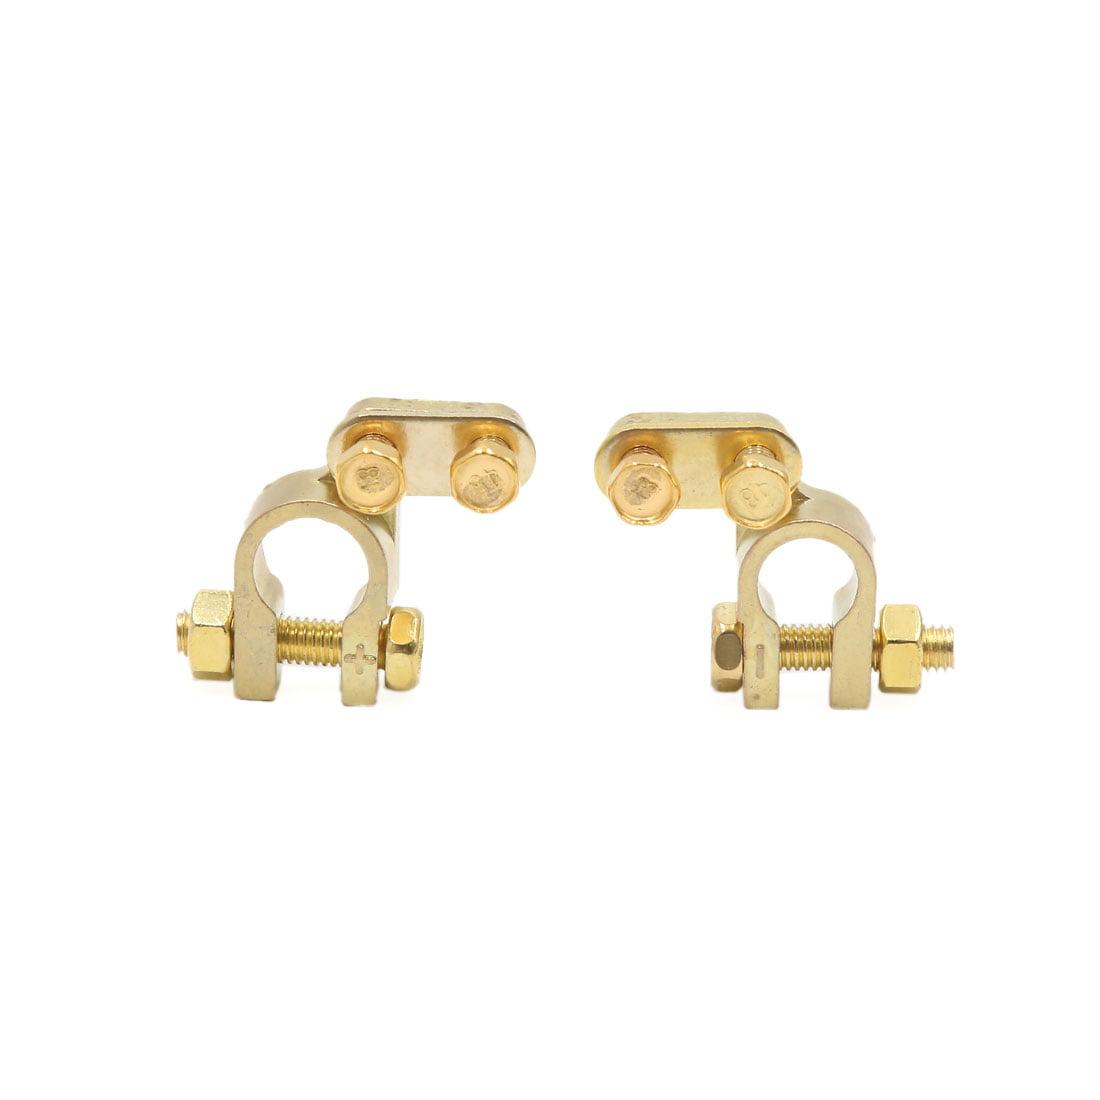 4Pc alliage cuivre doré positive négative batterie Connecteur colliers - image 1 de 2